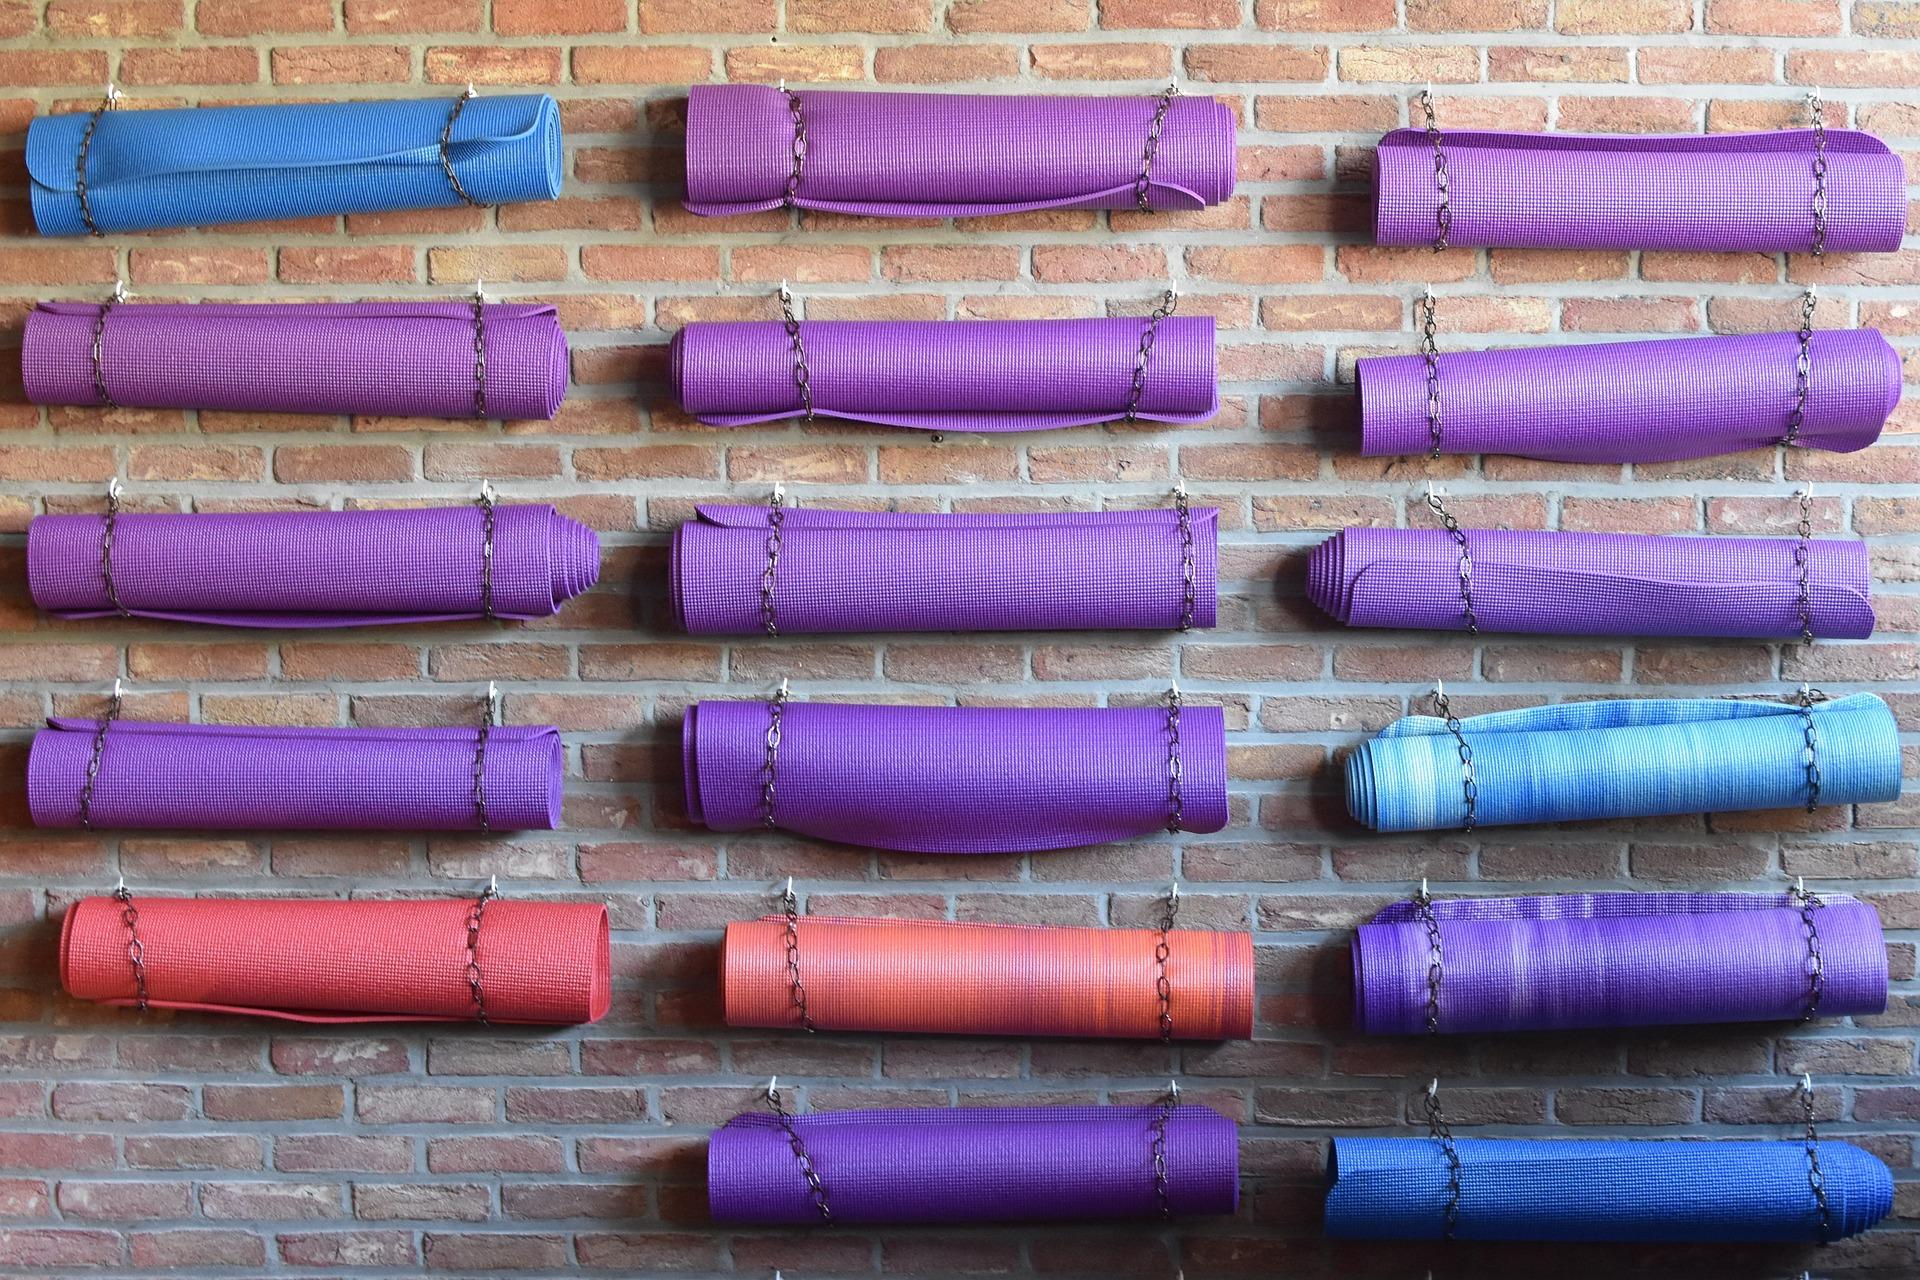 Yoga, sporten op een rustige manier.